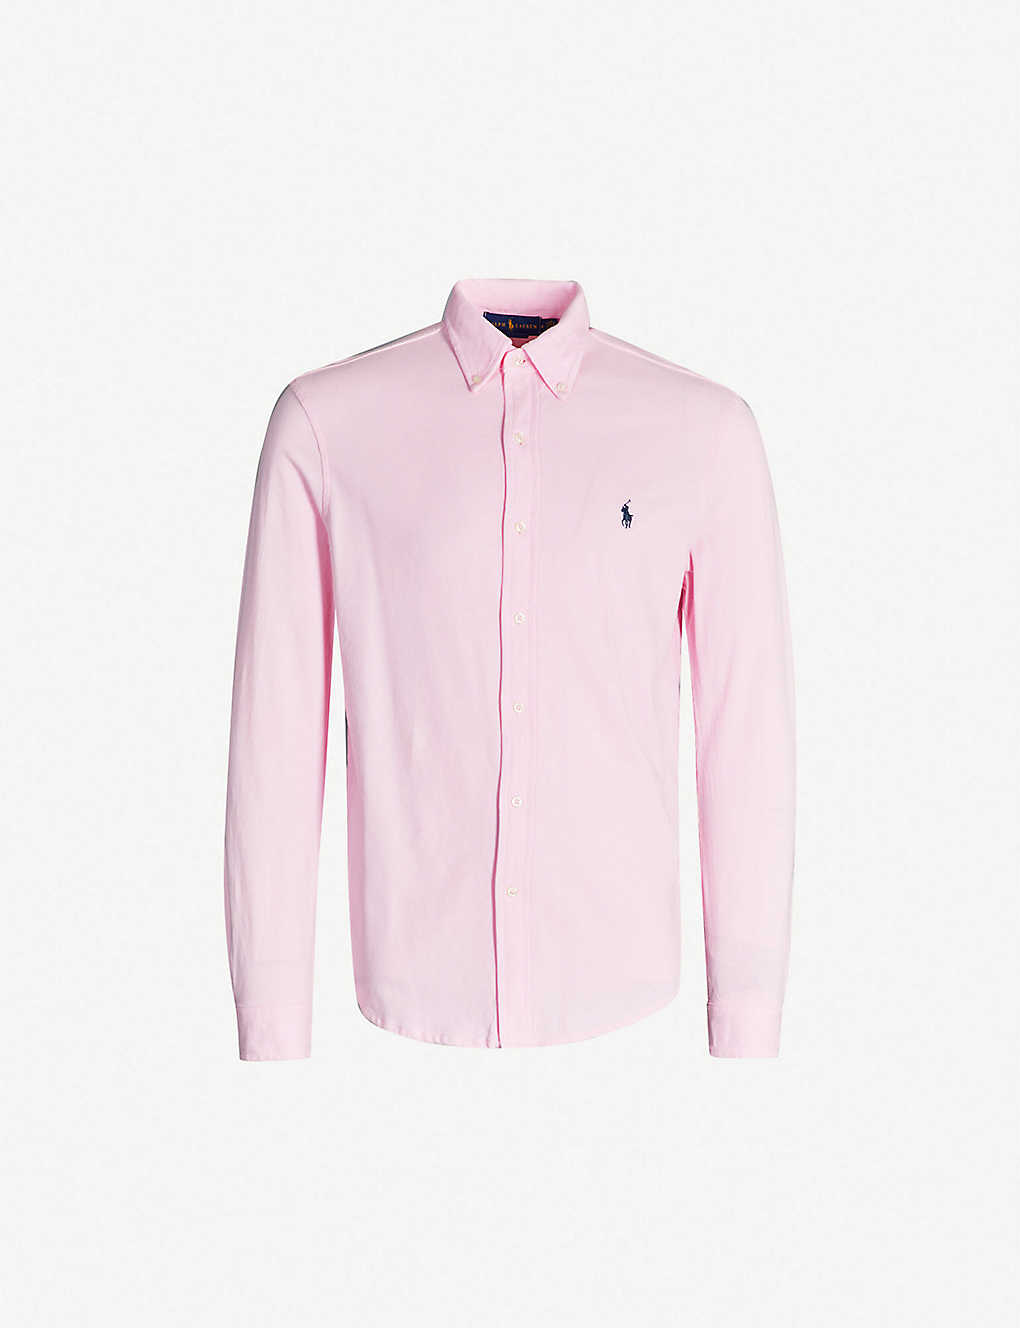 4328c496 POLO RALPH LAUREN - Standard-fit featherweight cotton-piqu? shirt ...